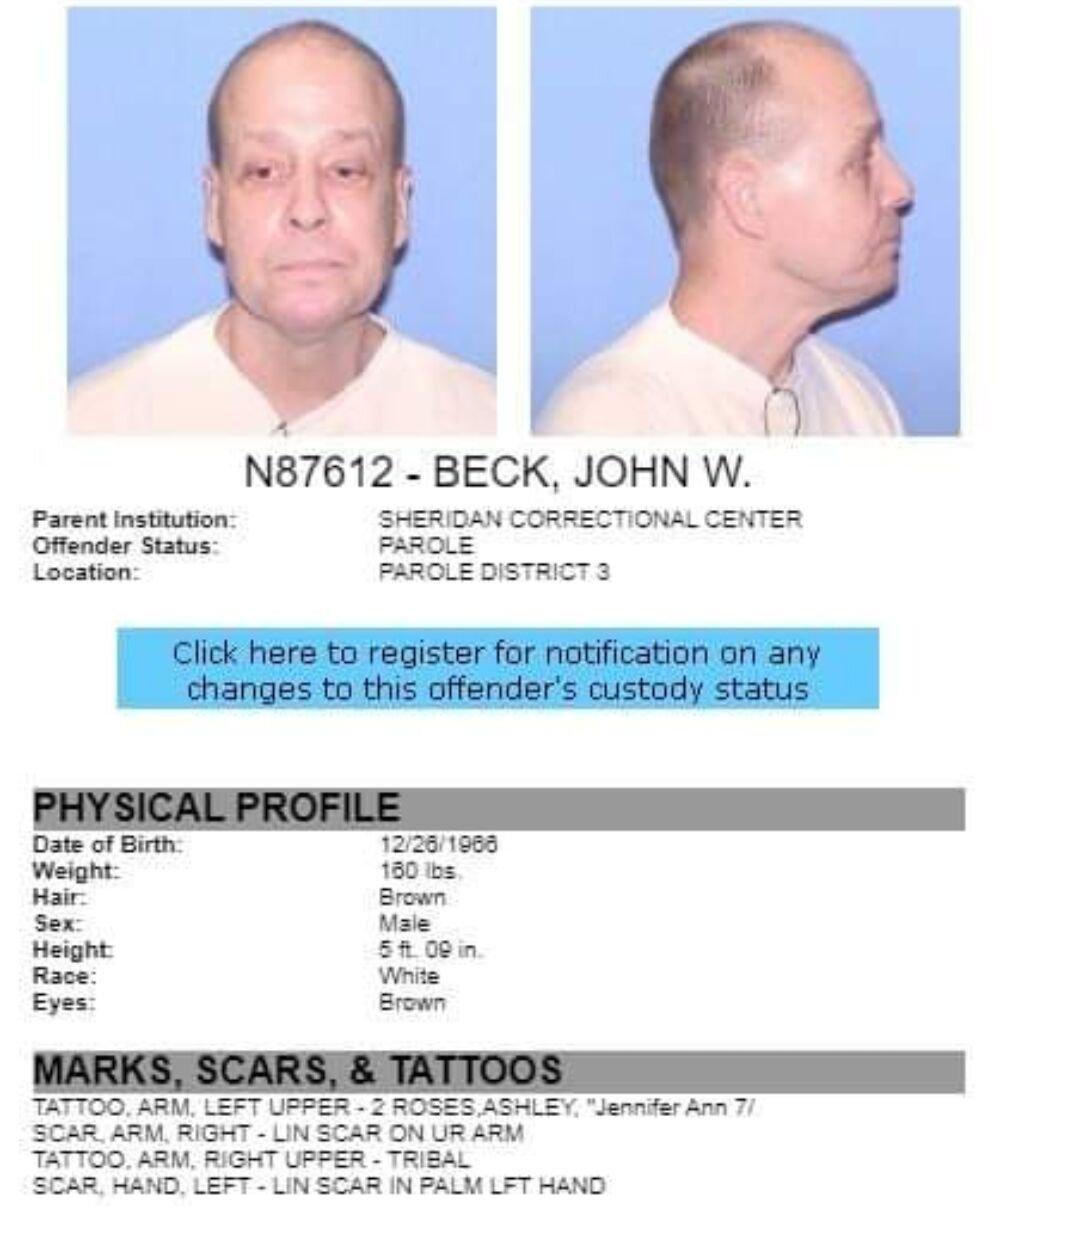 John Beck sought